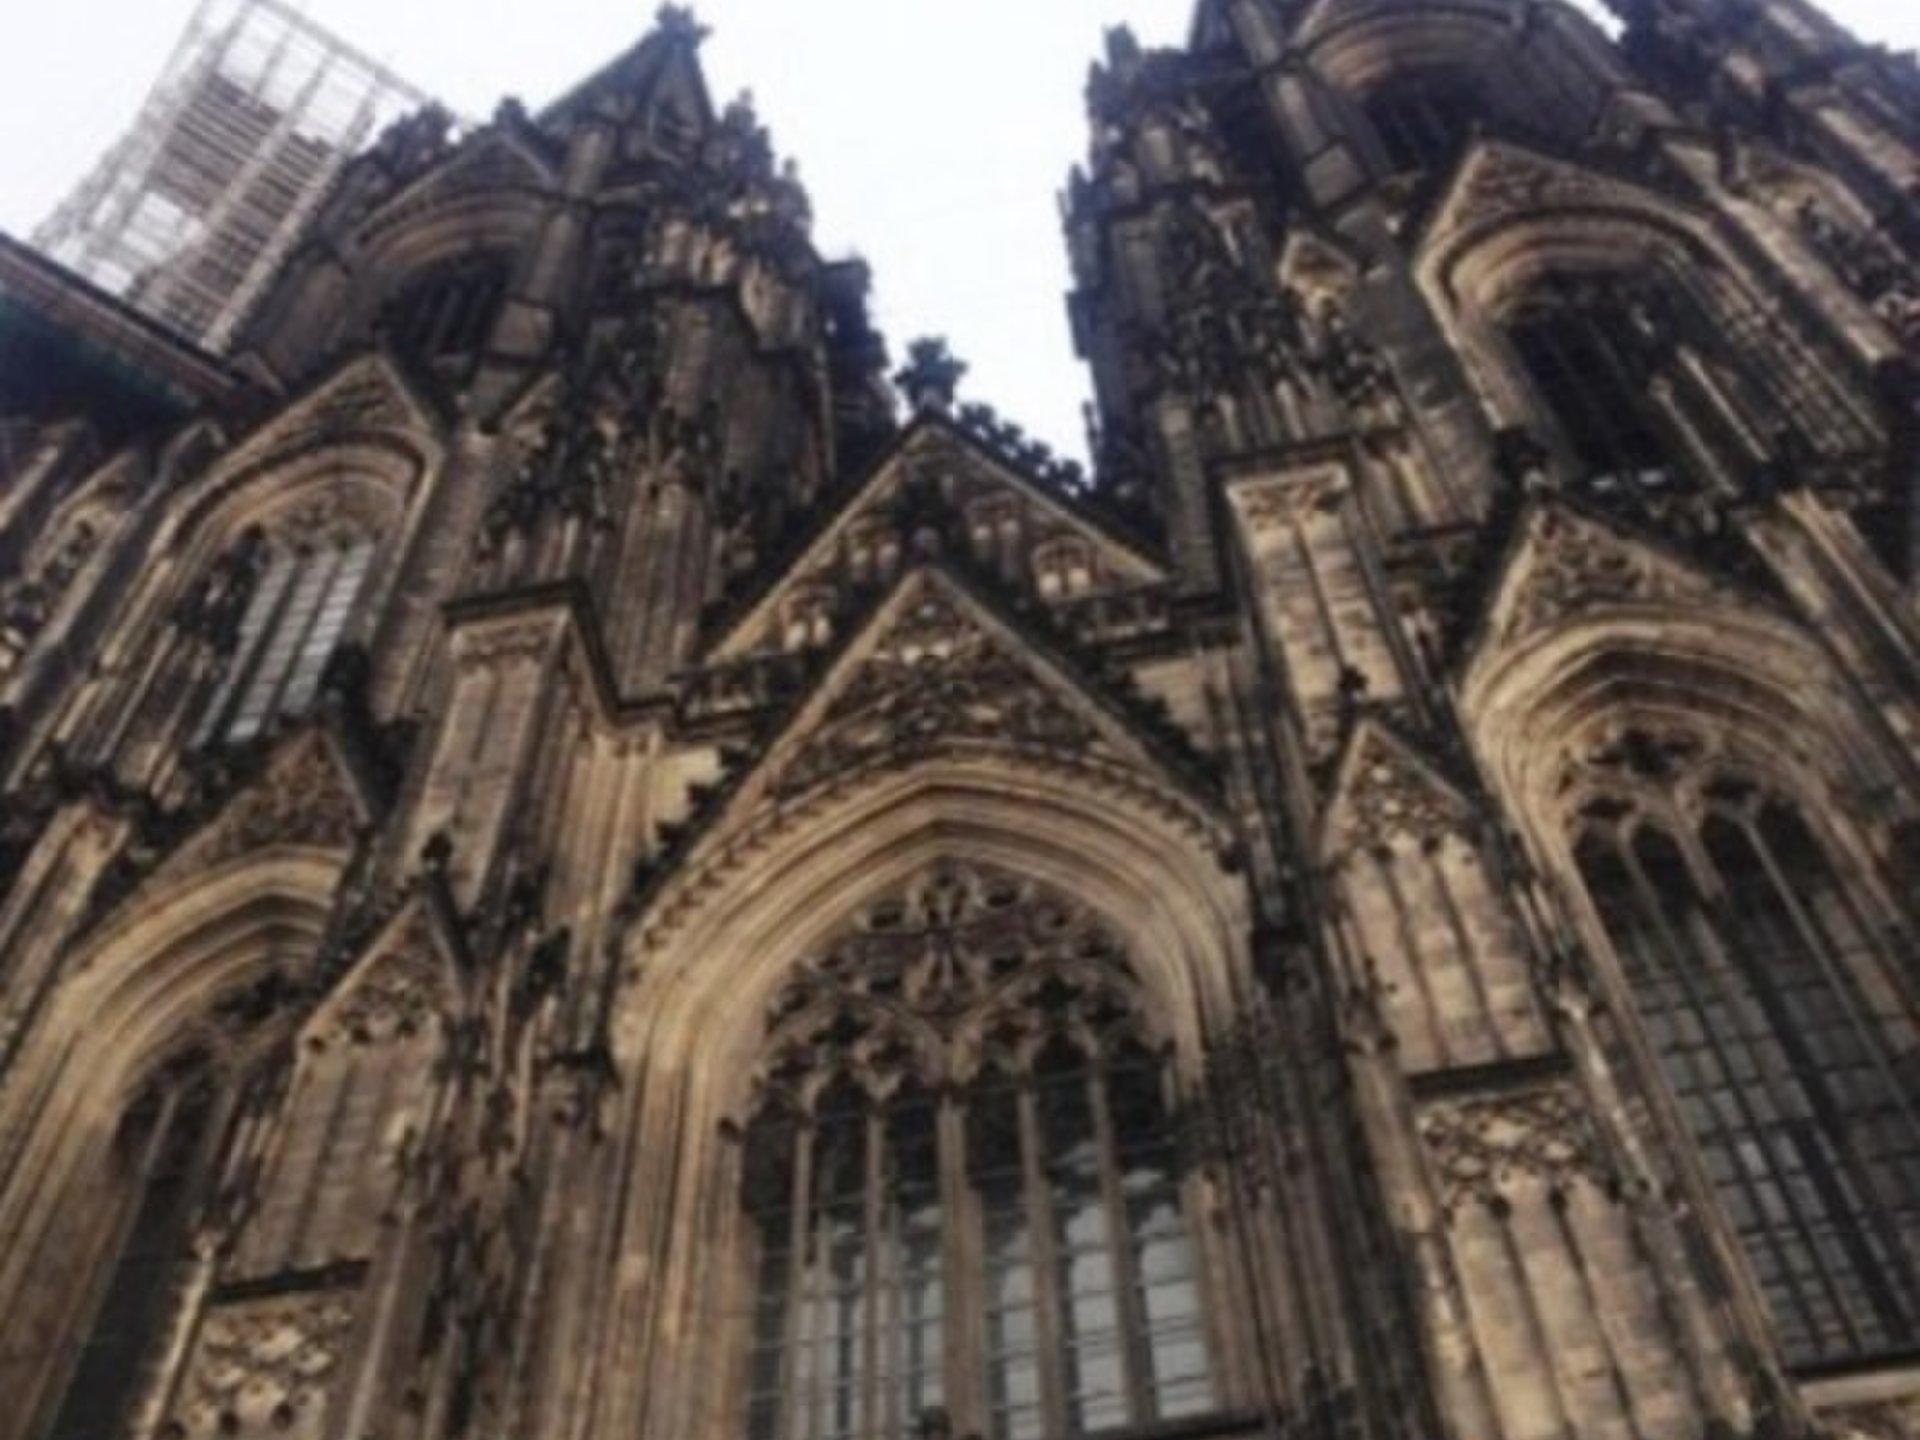 ドイツ・ケルンで女一人旅!おすすめ観光スポットとドイツならではお土産&スイーツも♡